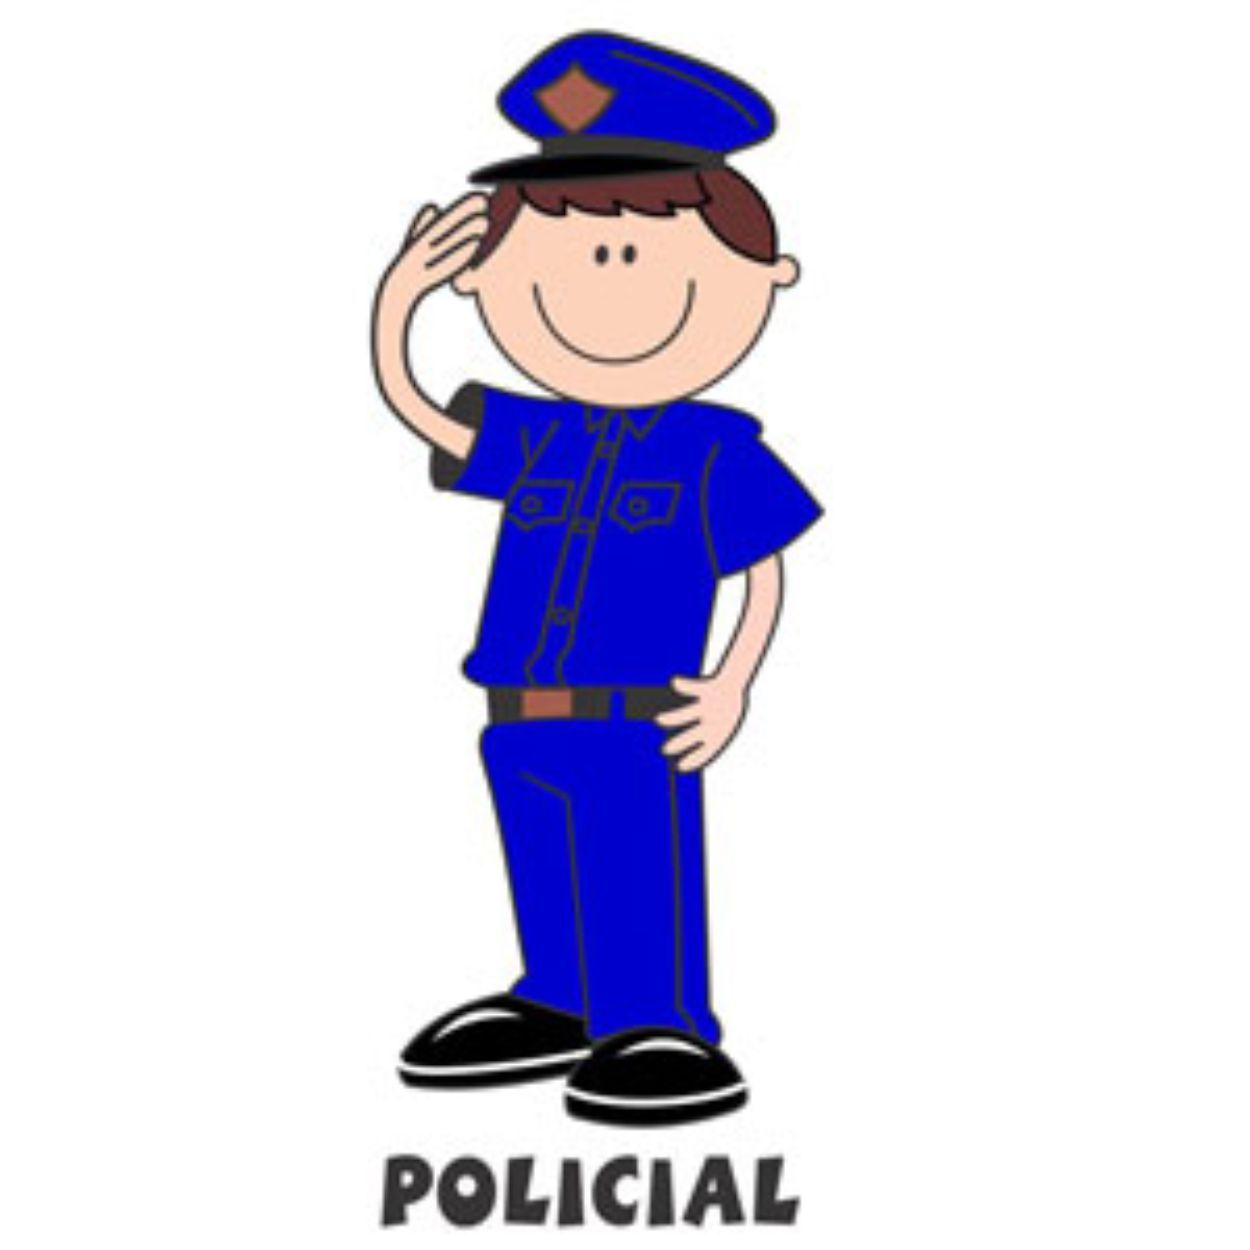 Decalque para Porcelana - Policial(o) Azul